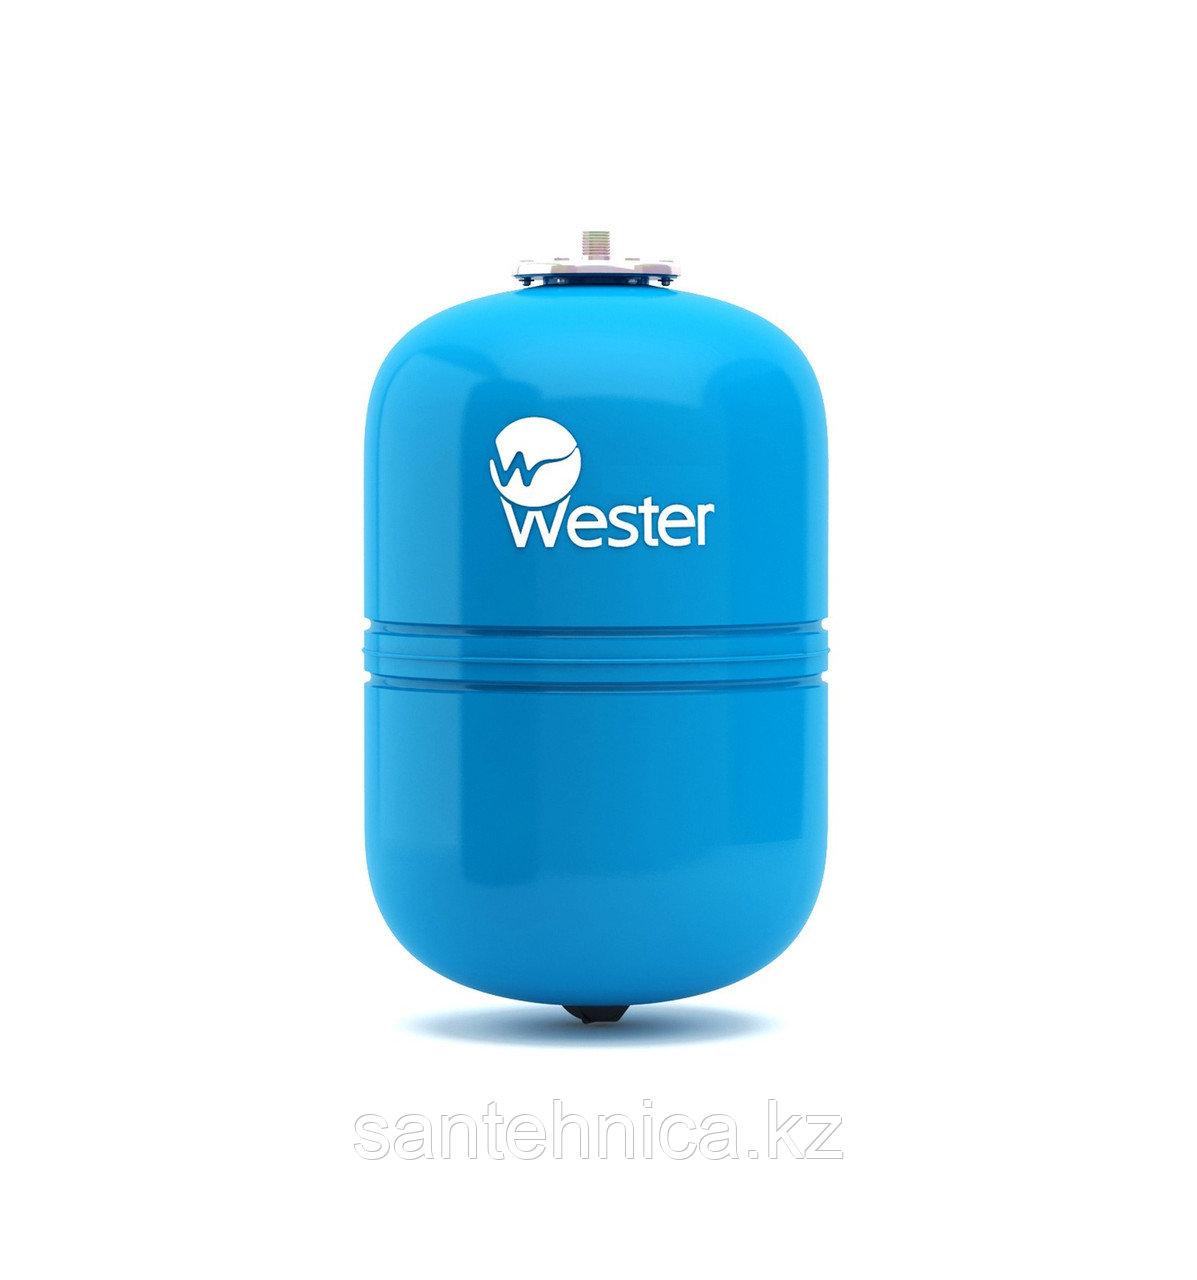 Гидроаккумулятор Wester 18 л. вертикальный